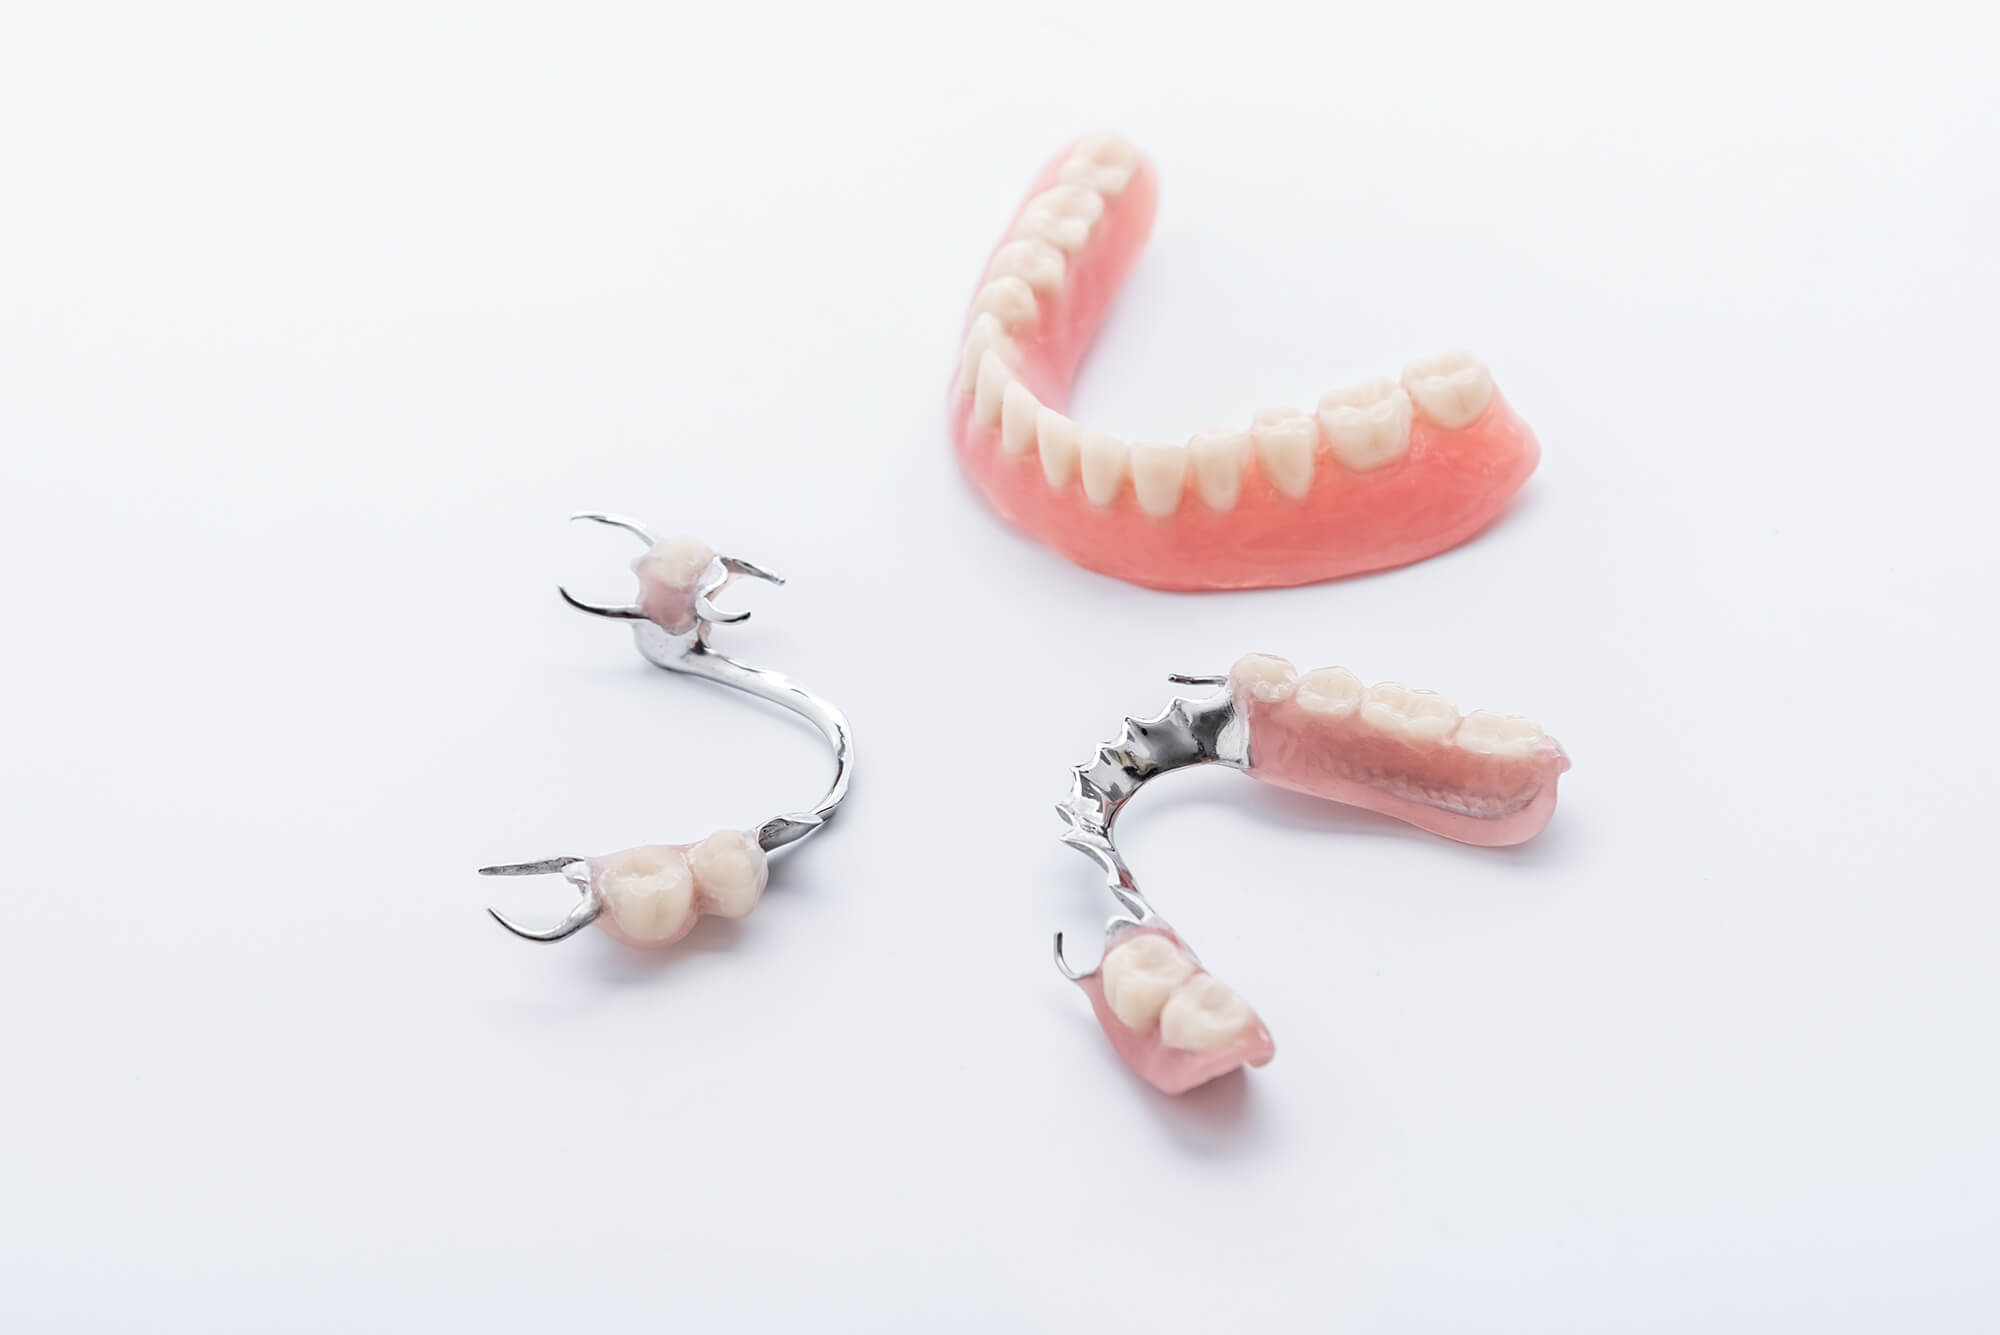 Протезирование зубов — Стоматологическая клиника по установке протезов на зубы